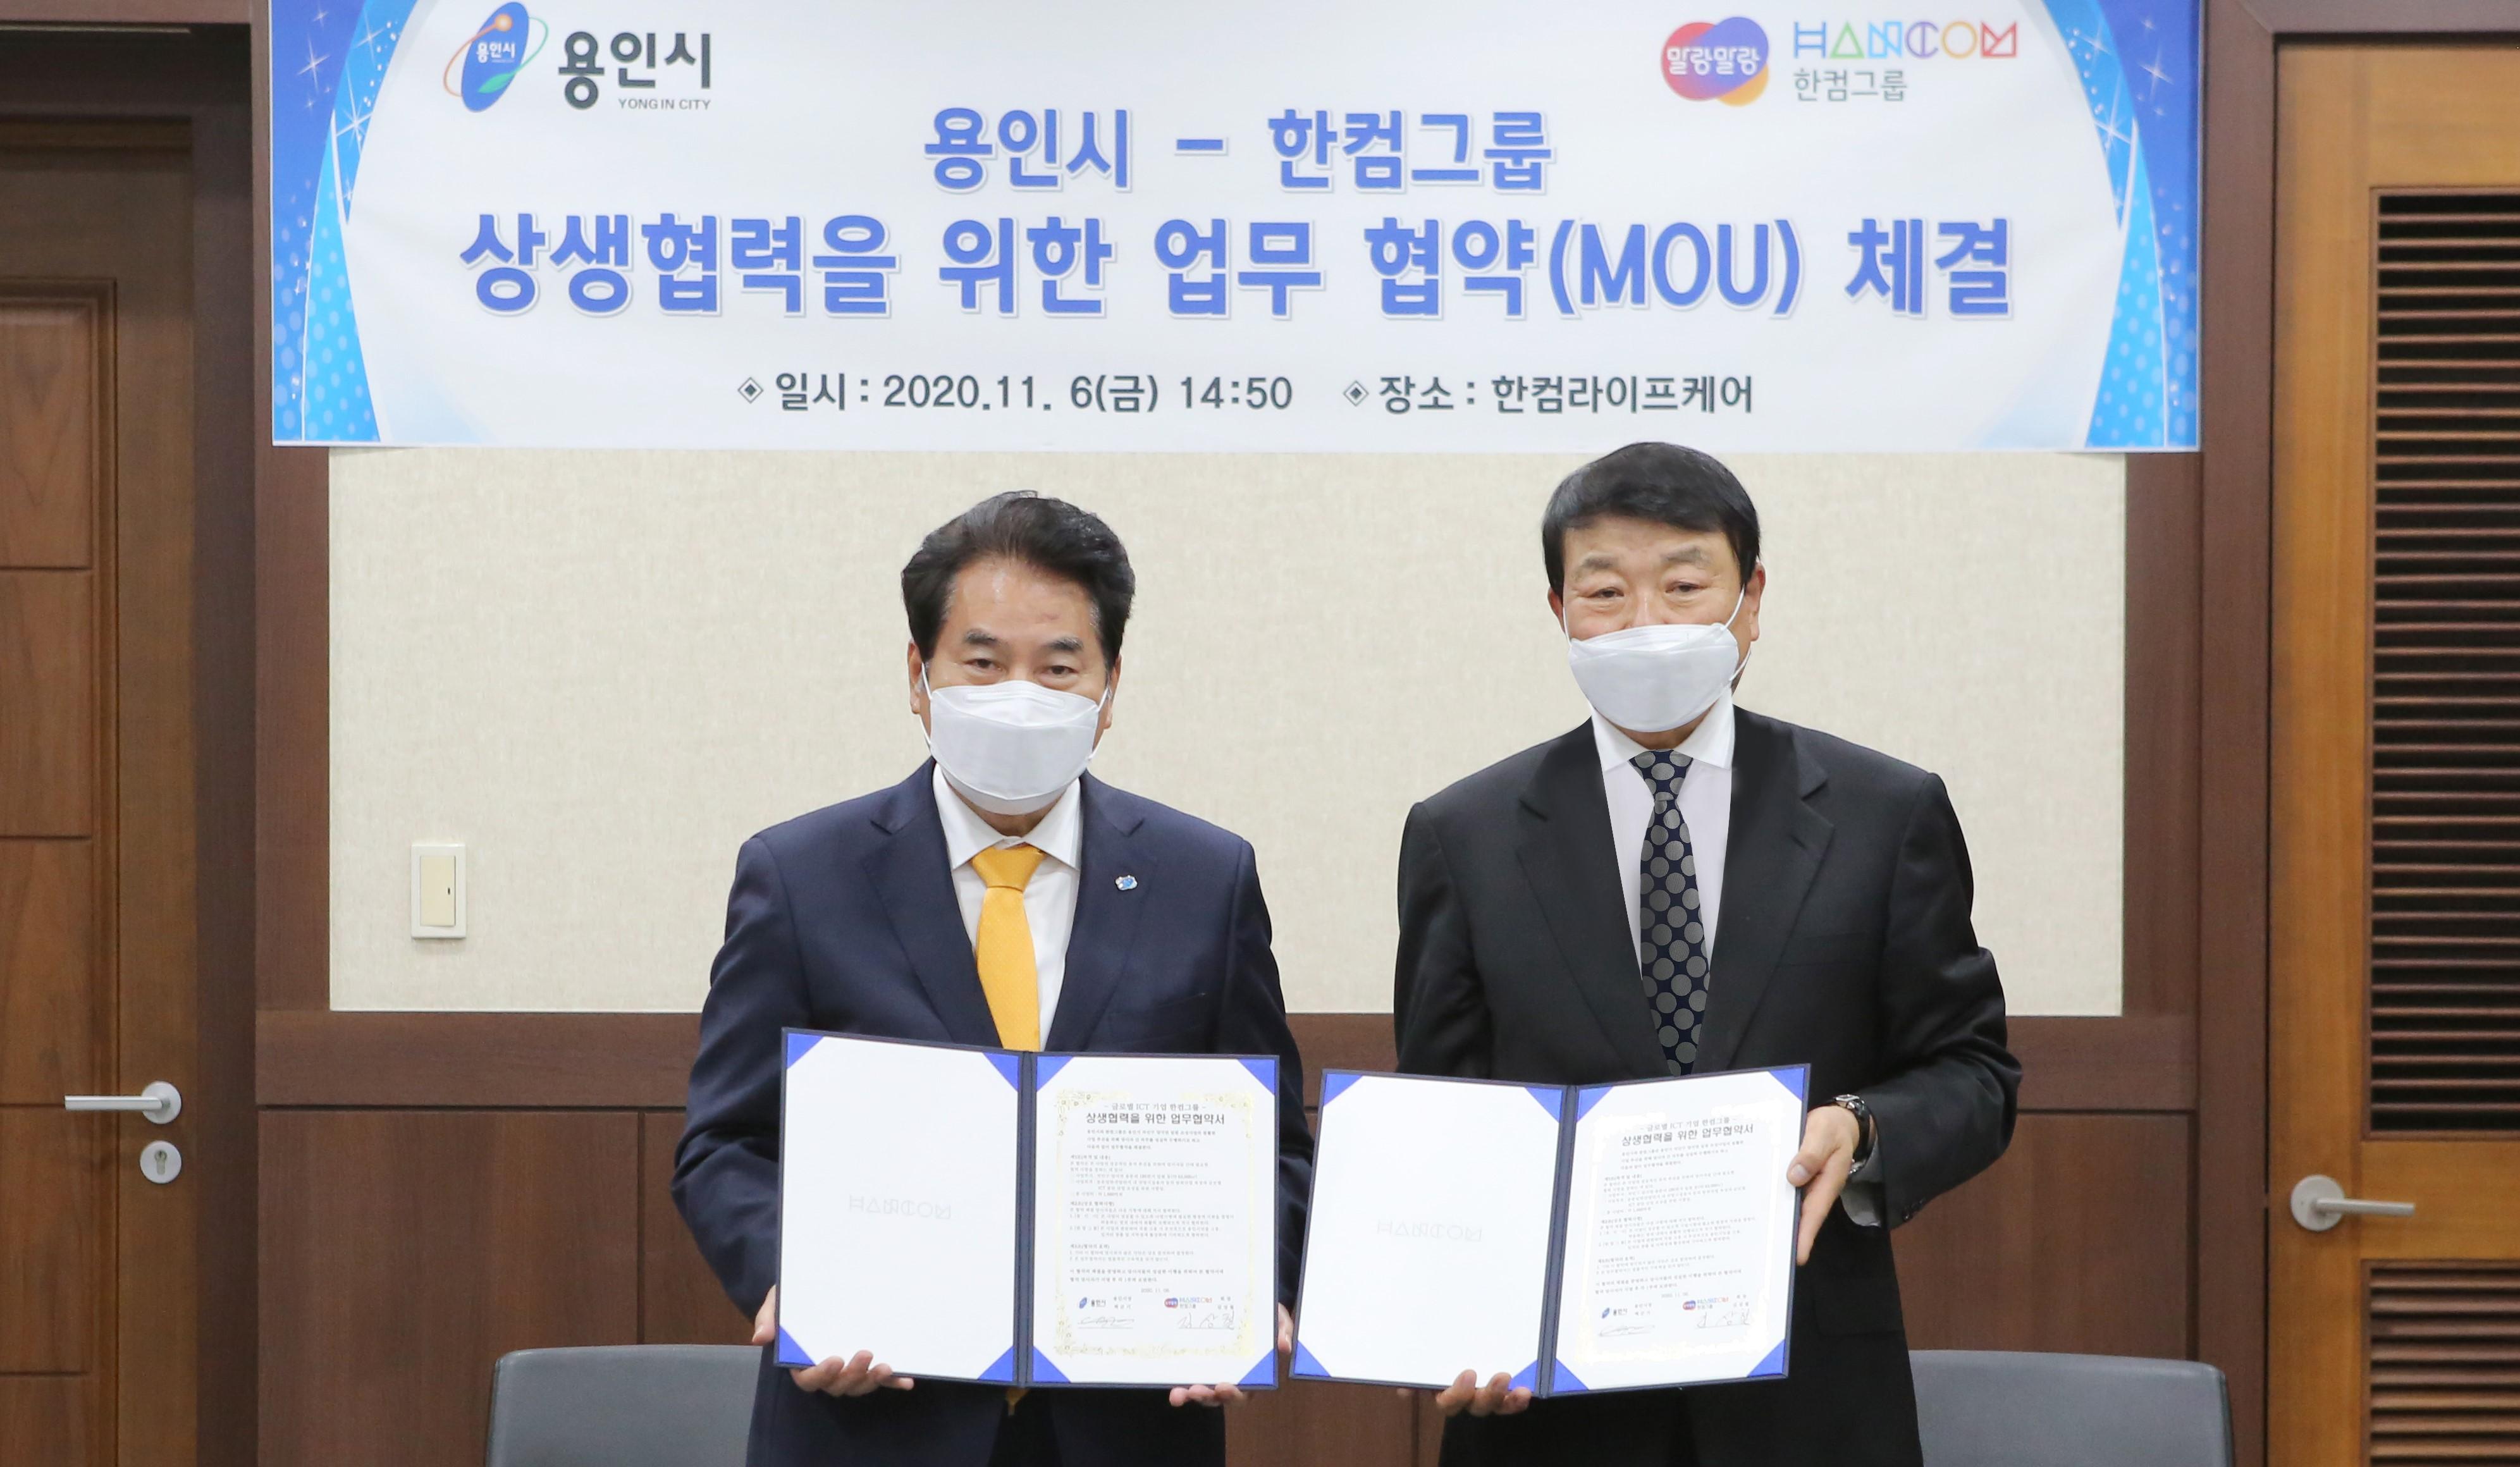 한글과컴퓨터그룹-용인시, 송문산업단지 조성 위한 업무협약 체결